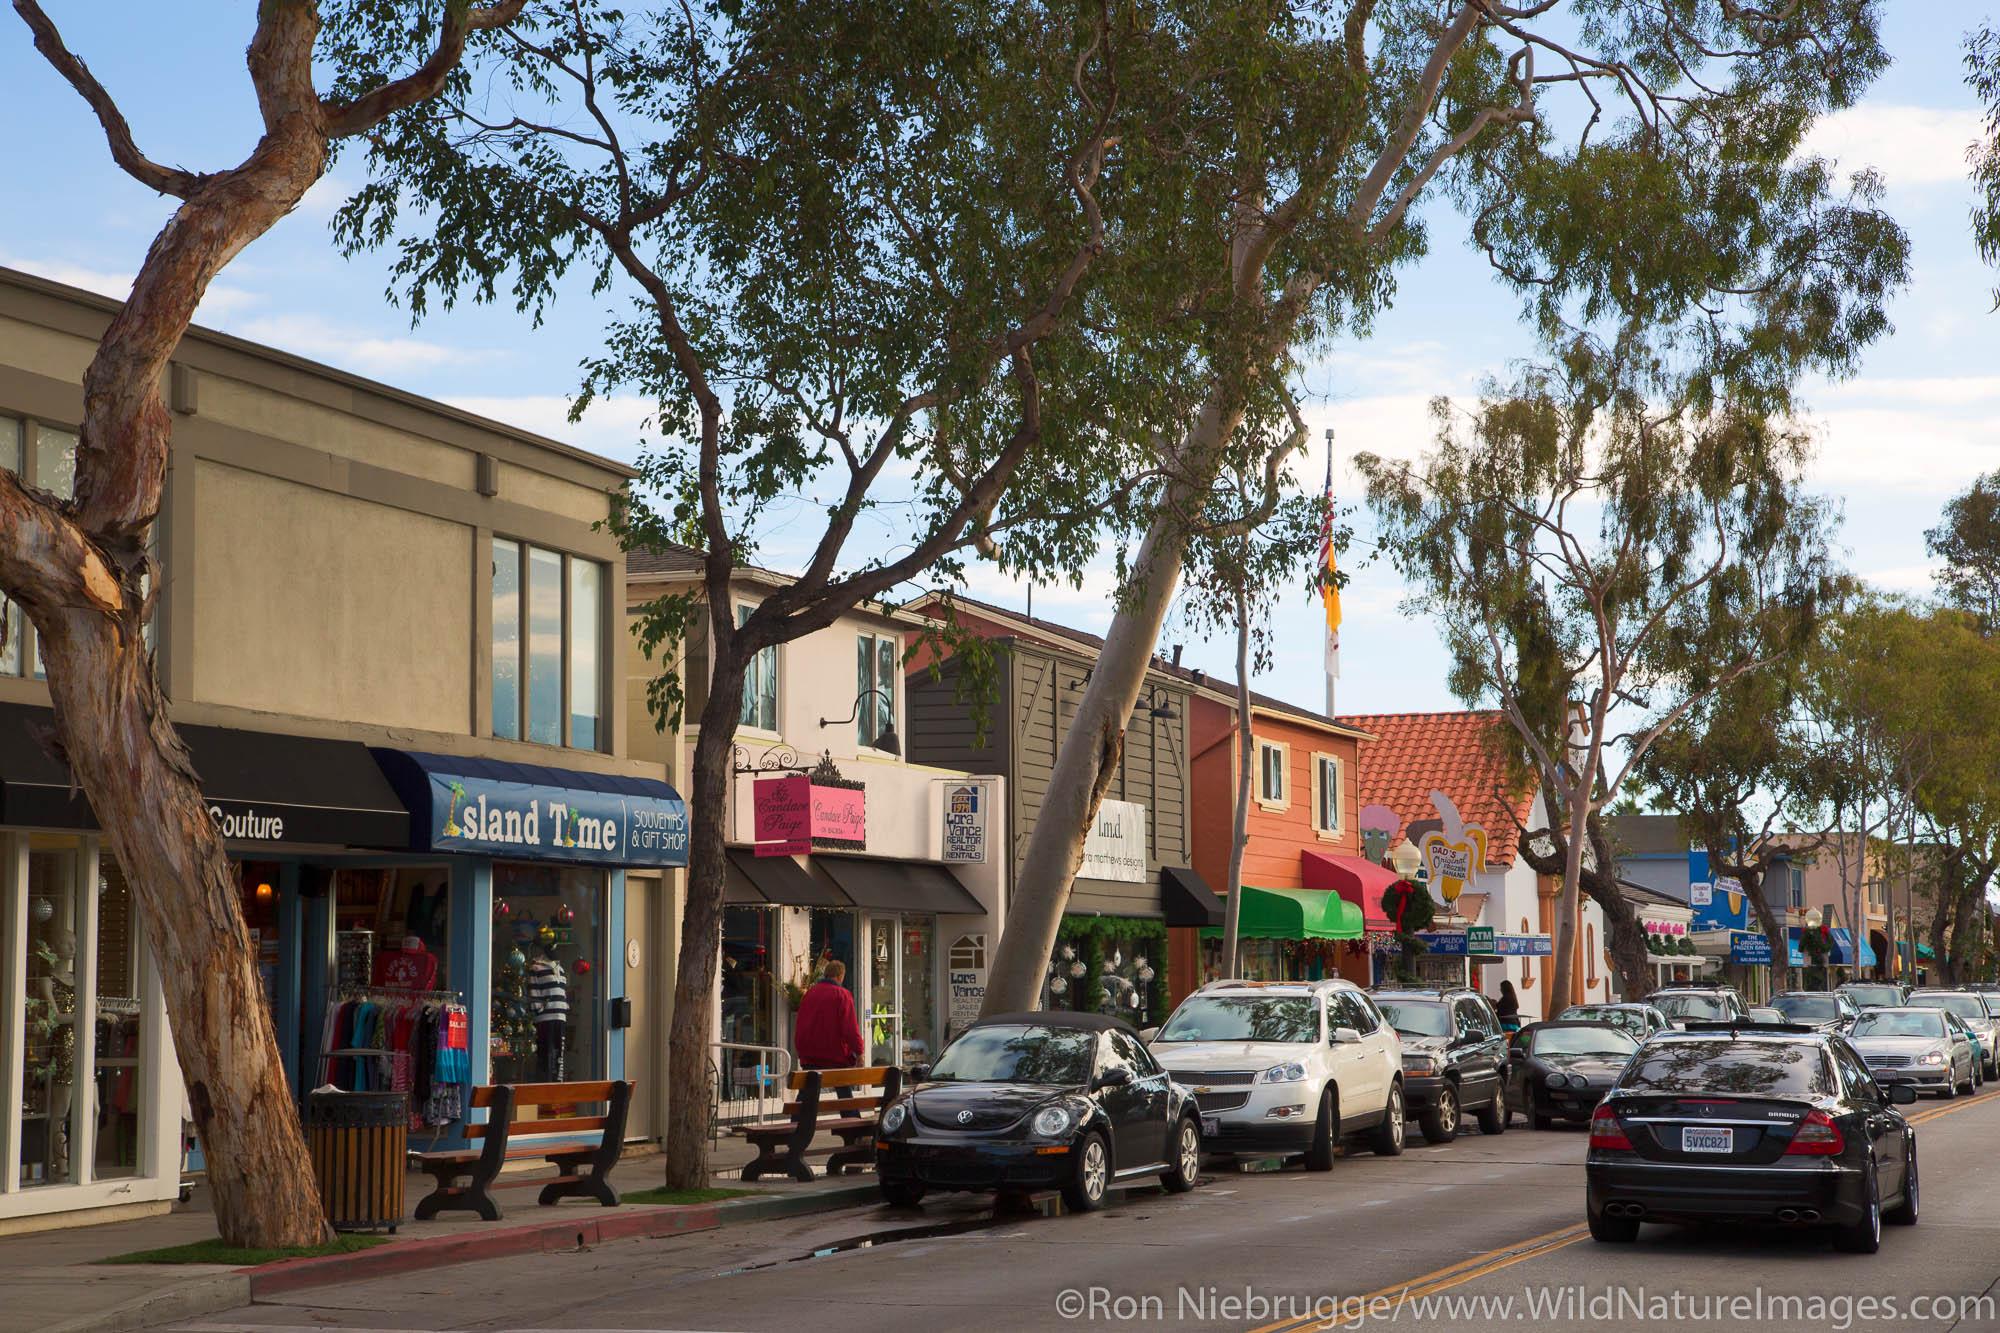 Balboa Island, Newport Beach, Orange County, California.